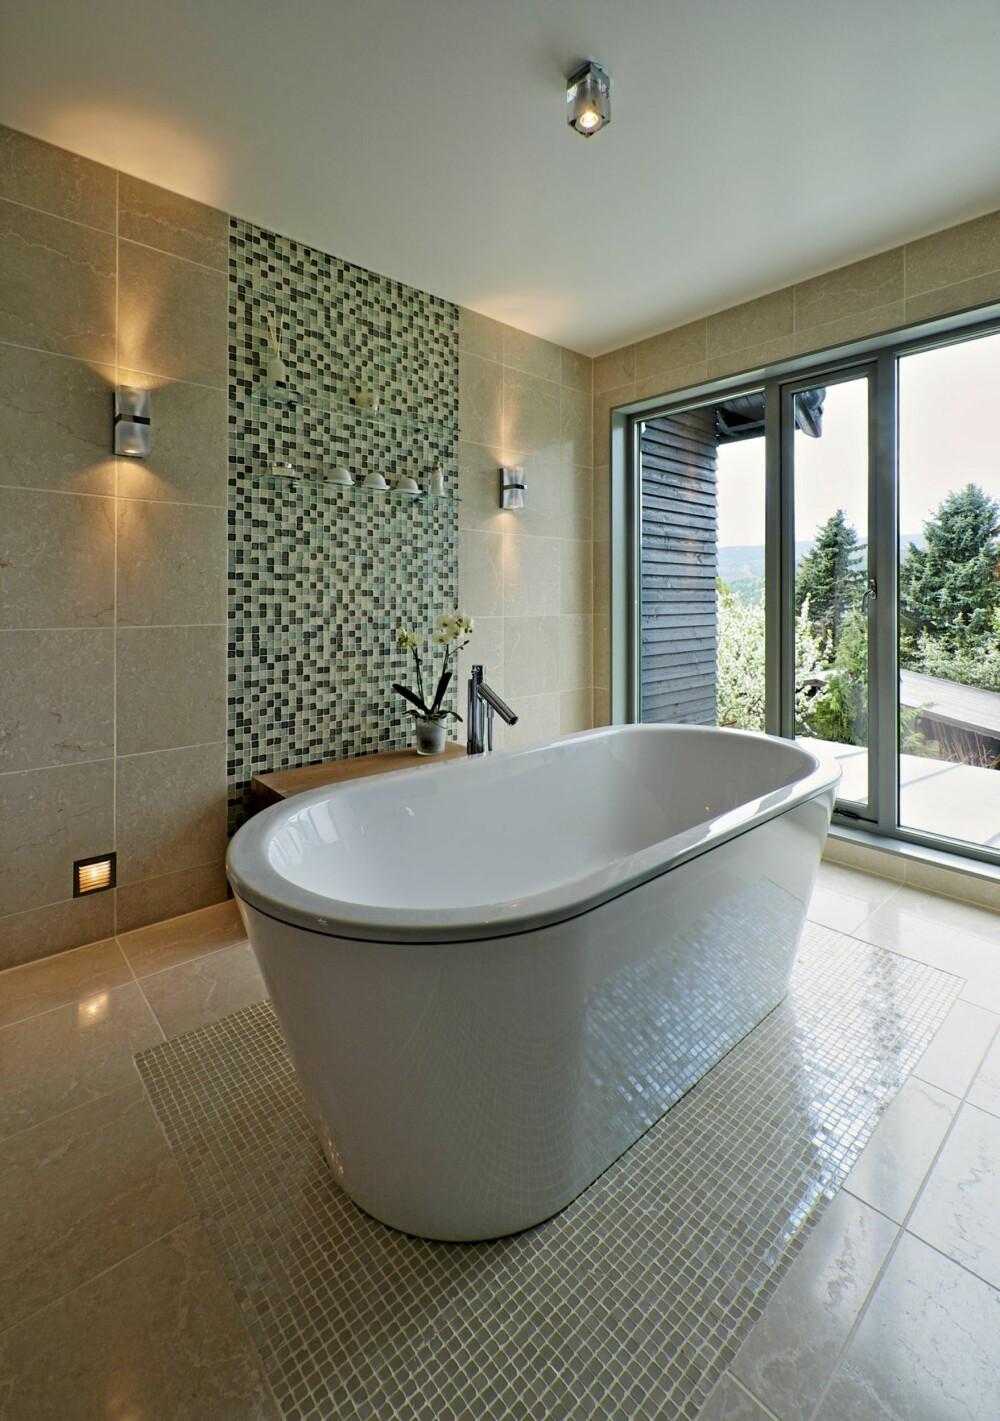 FRITT FREM:  Det er tilgang til badekaret fra alle kanter. Herfra er utsyn, men ikke innsyn.